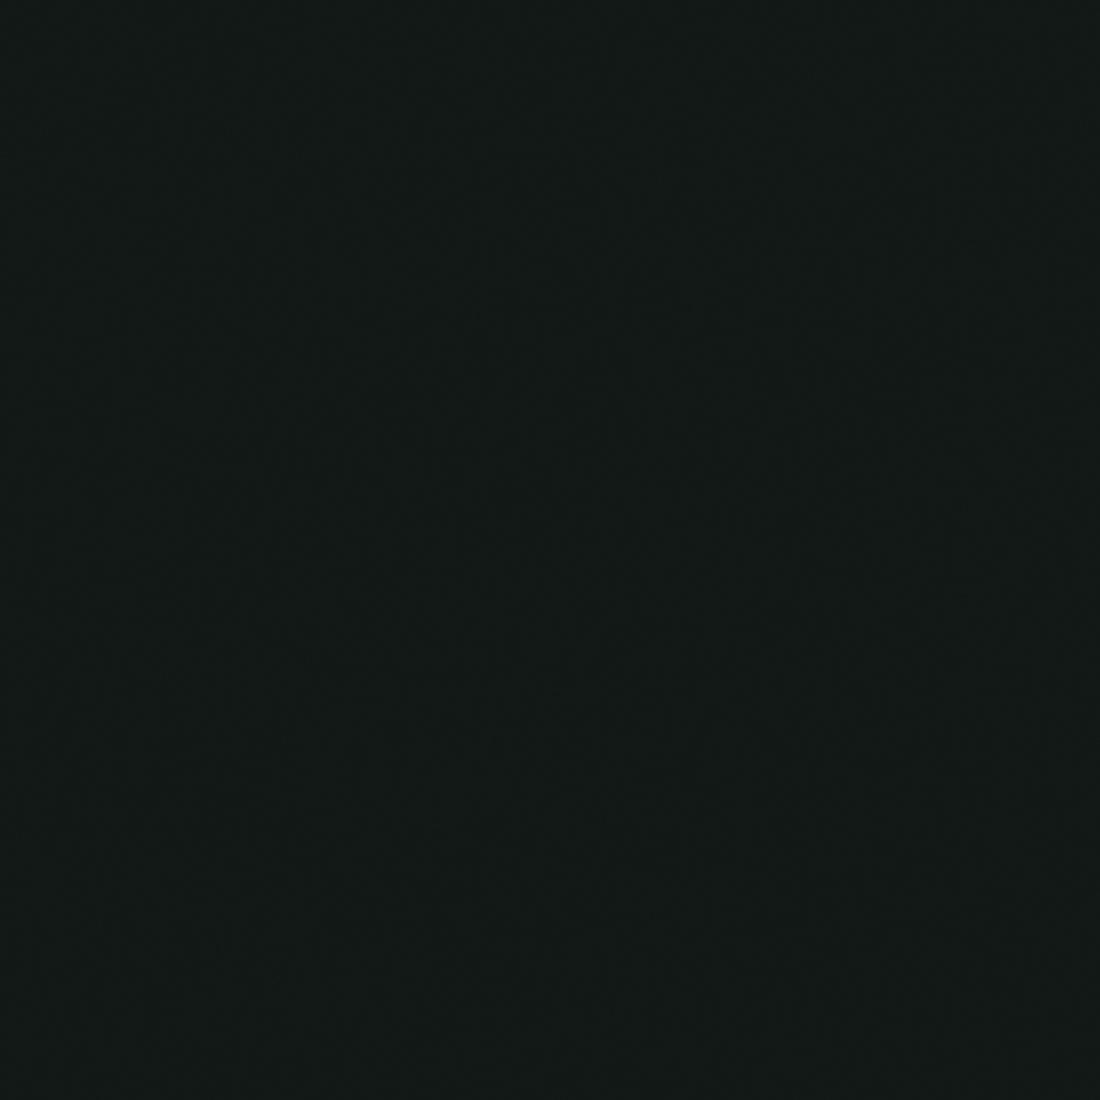 Kronospan Negru 0190 SN